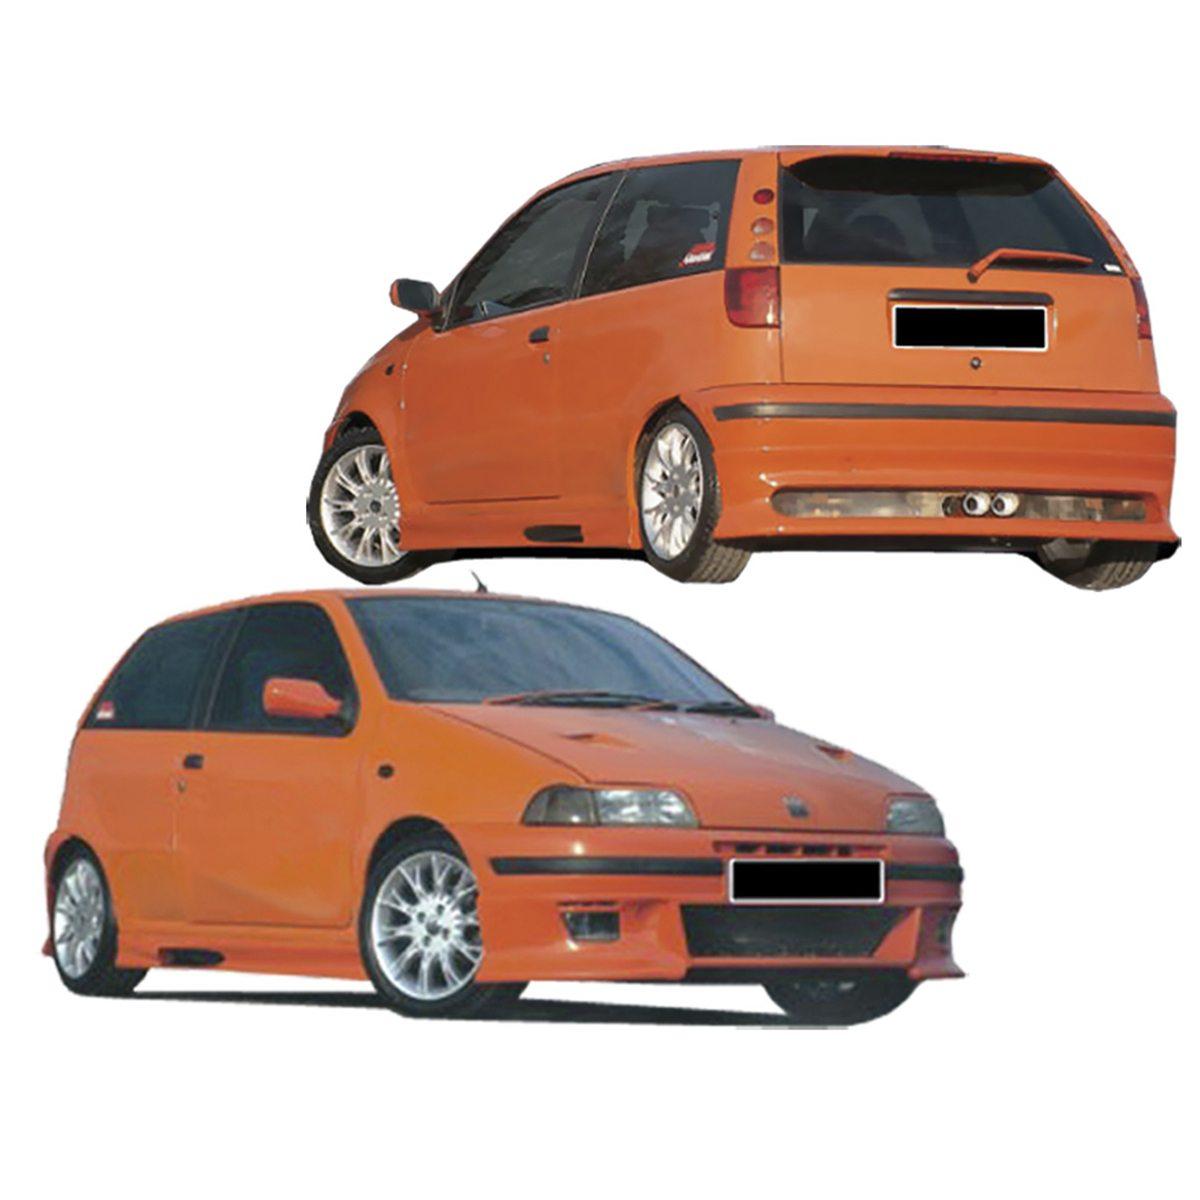 Fiat-Punto-Beast-KIT-QTU096